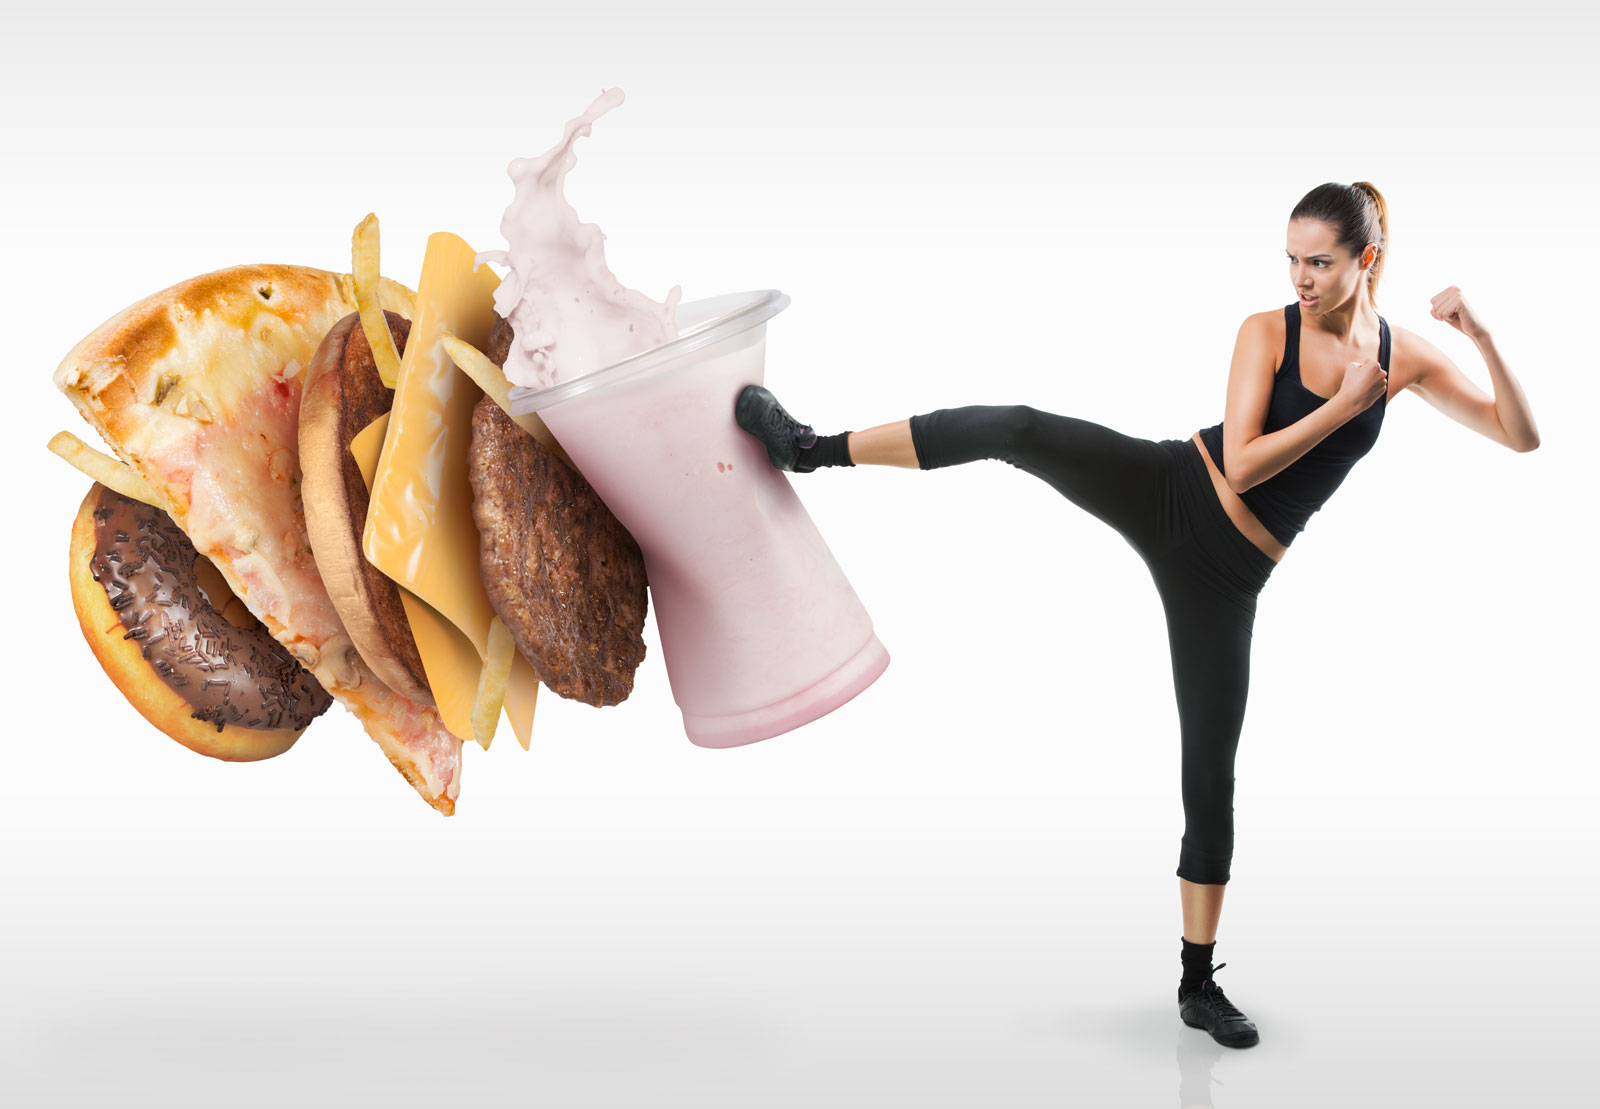 Kokie gėrimai yra naudingi norint numesti svorio